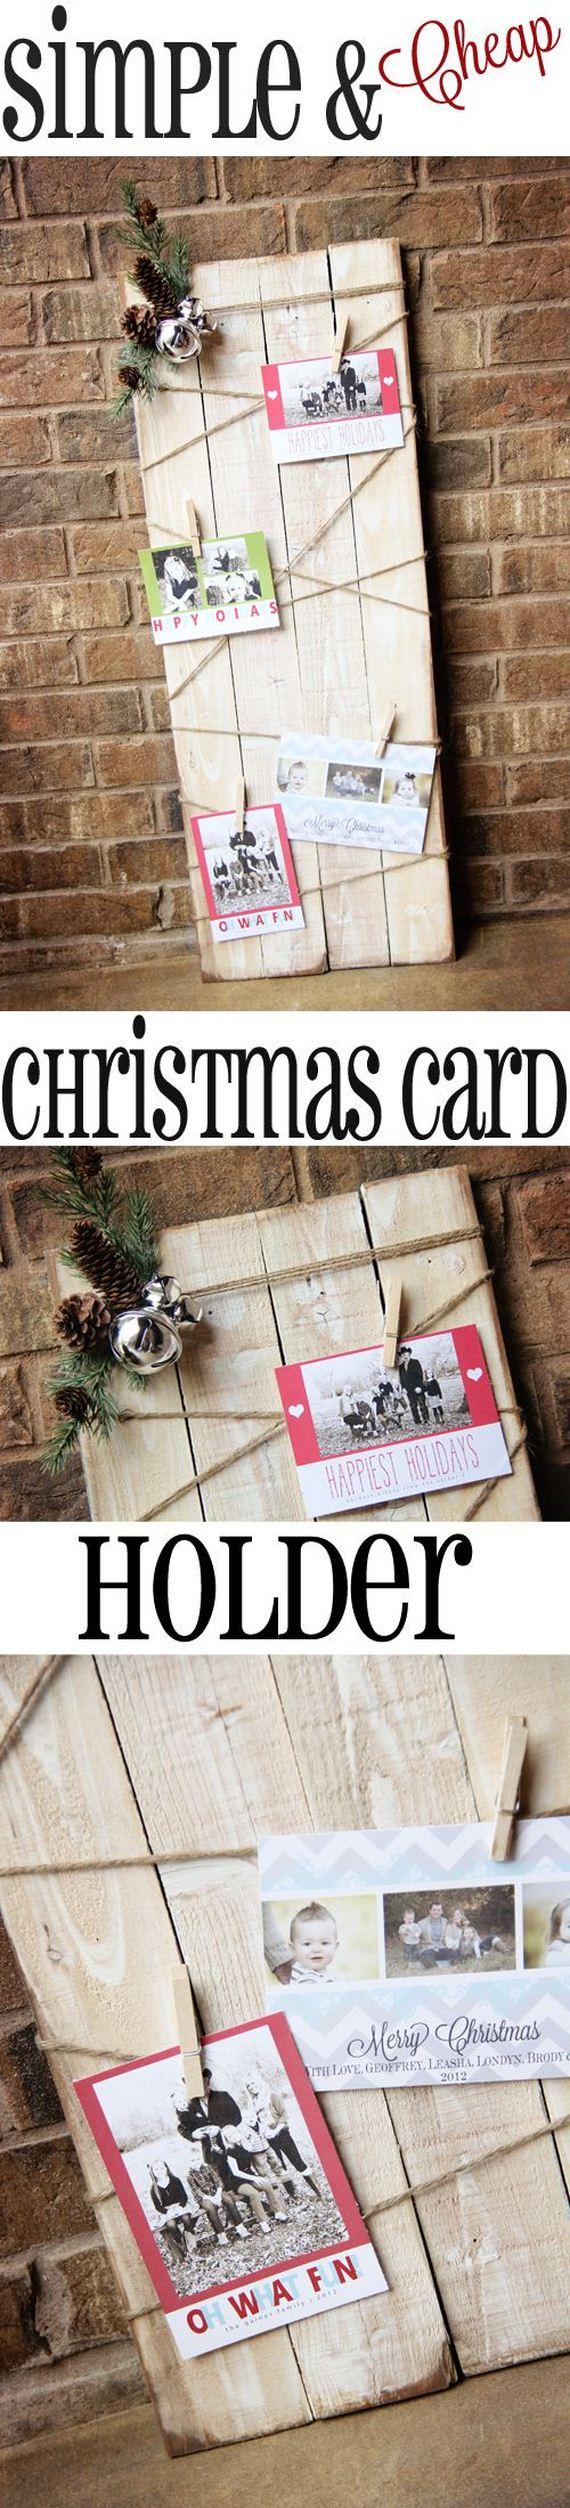 13-photos-cards-christmas